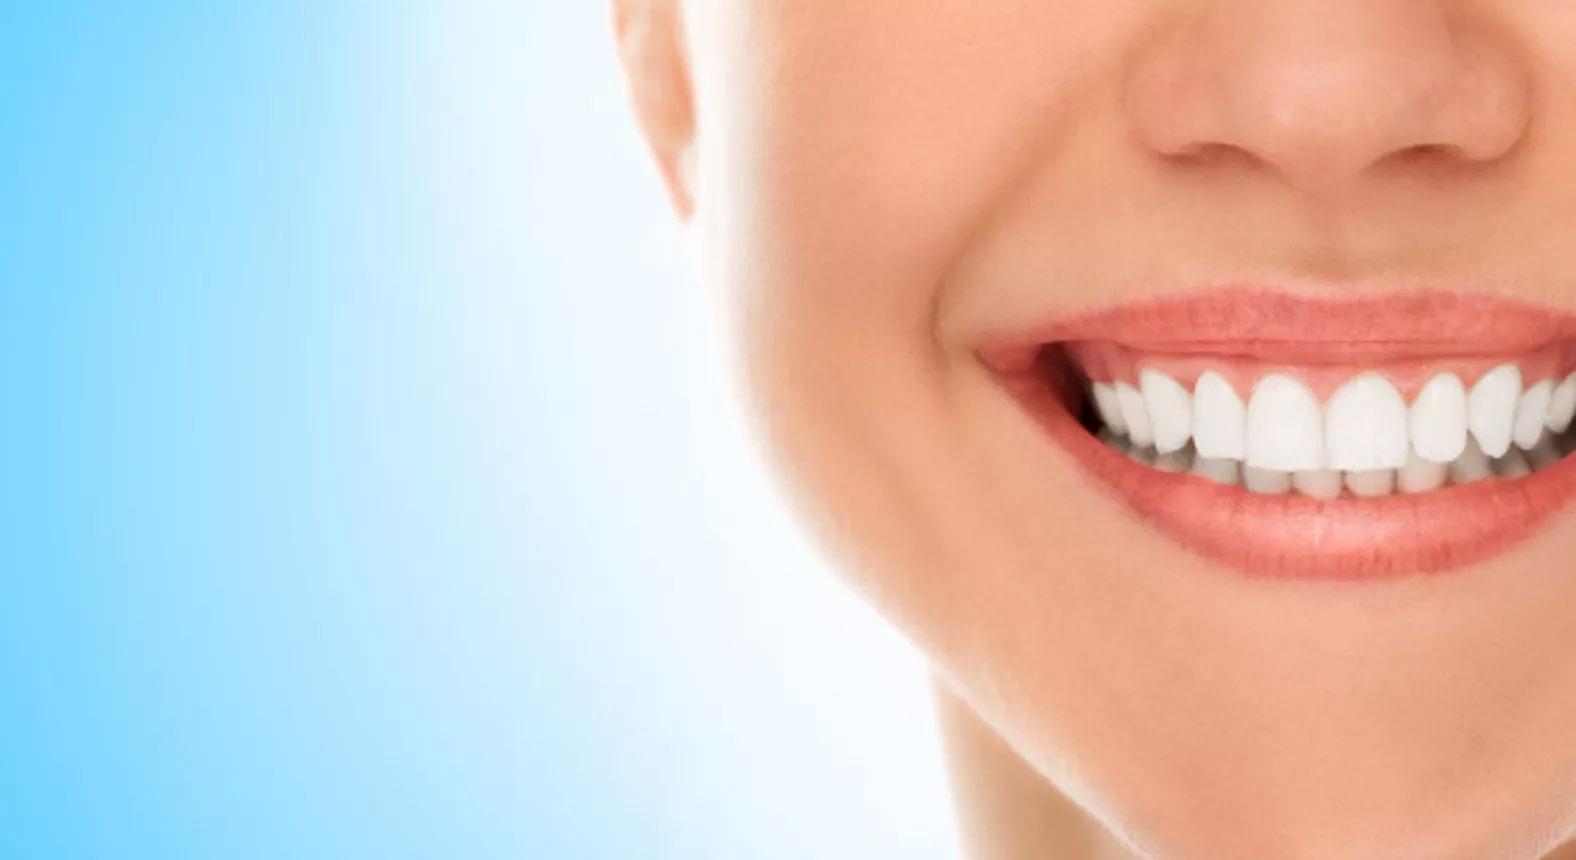 Prophylaxe und professionelle Mundhygiene